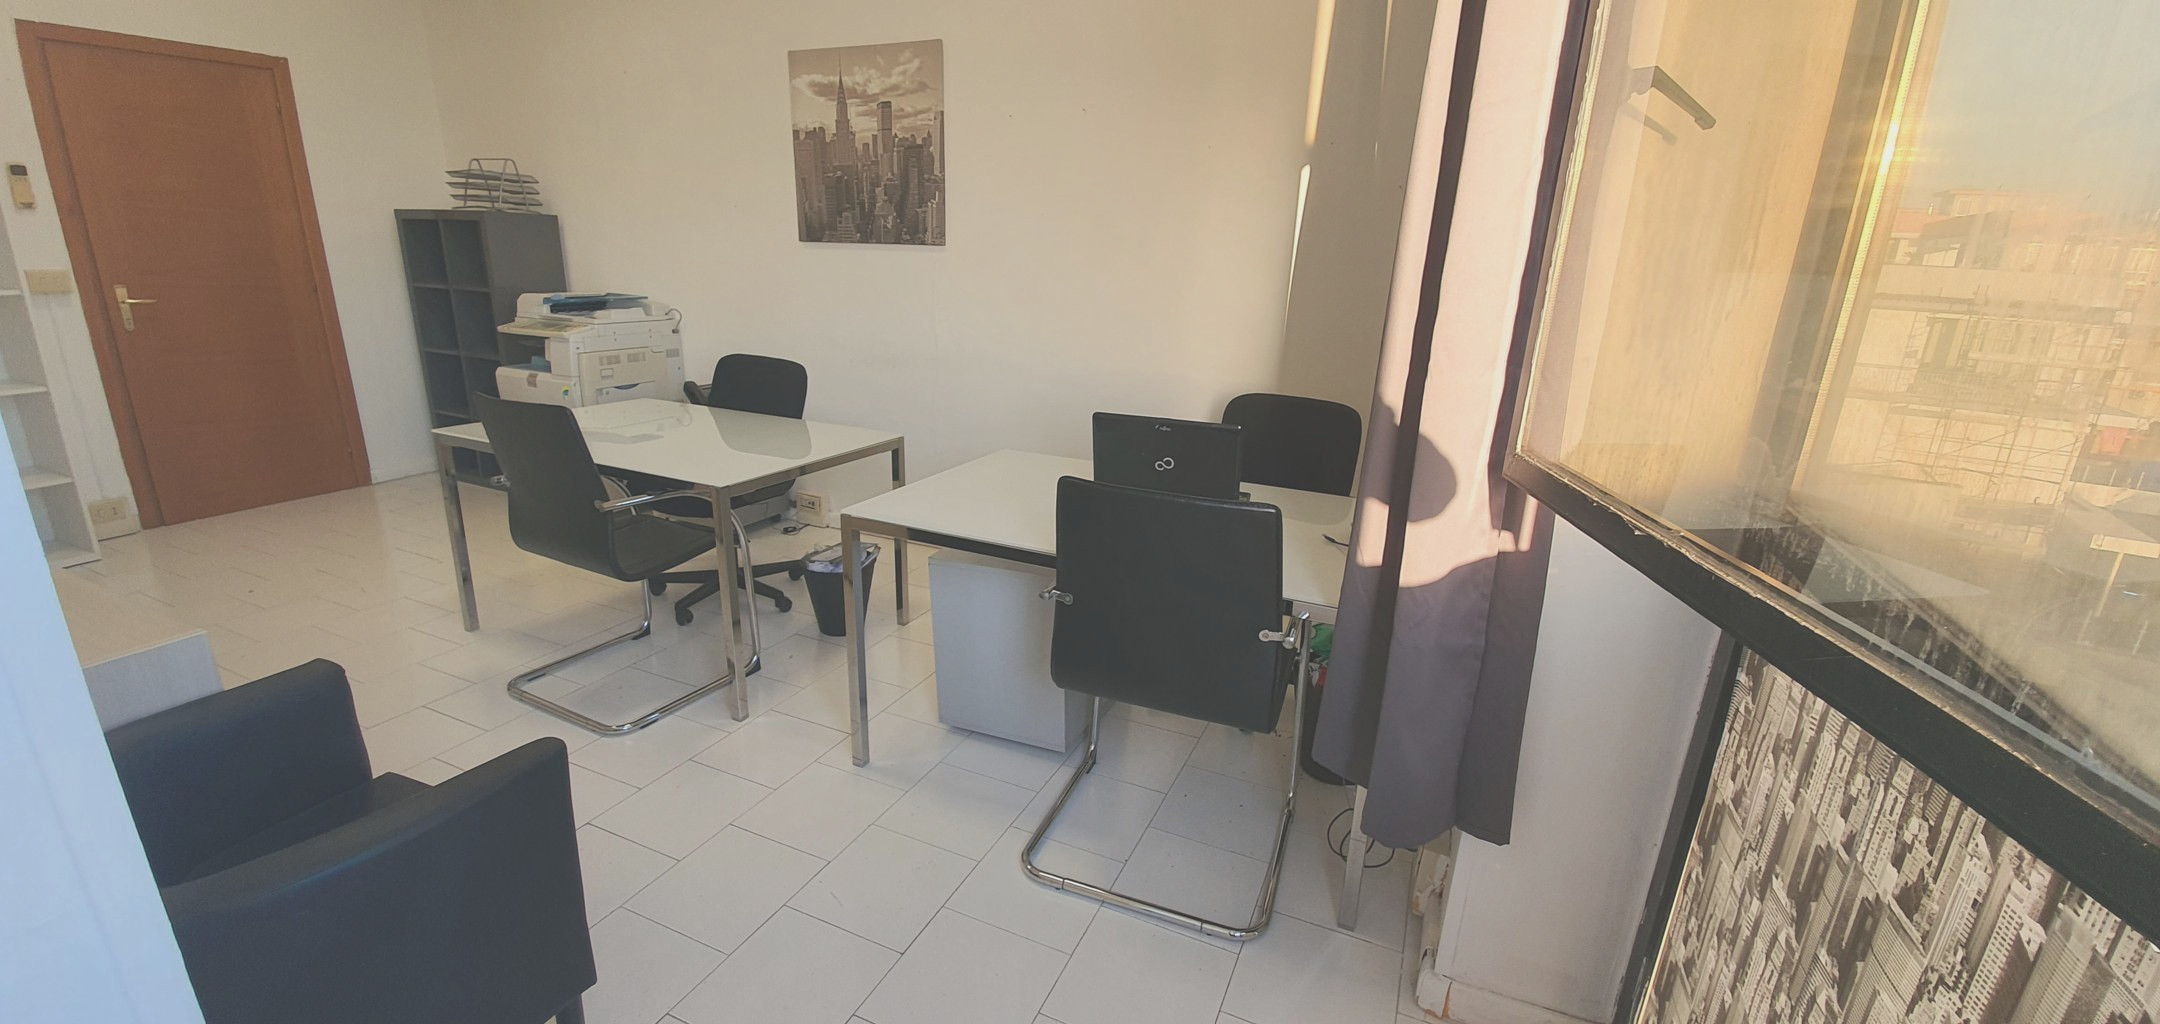 Ufficio arredato pronto chiavi in mano Casalnuovo di Napoli